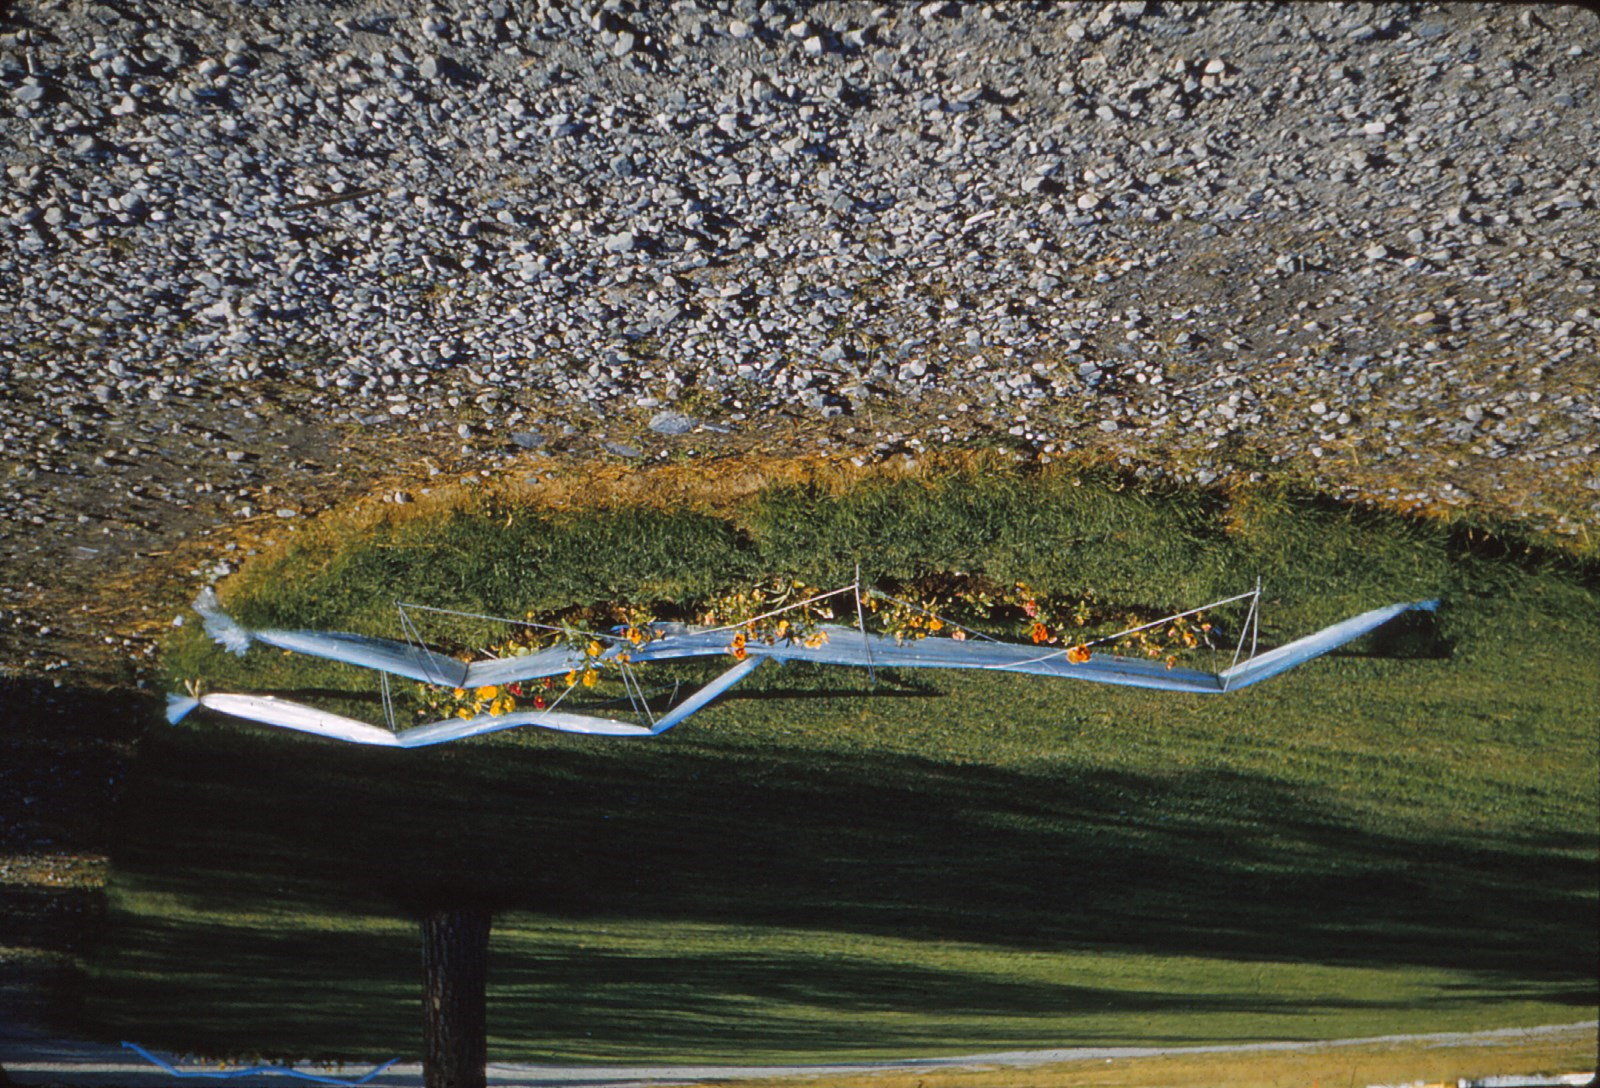 1025 (27) Karasjok: plastic over begonia's